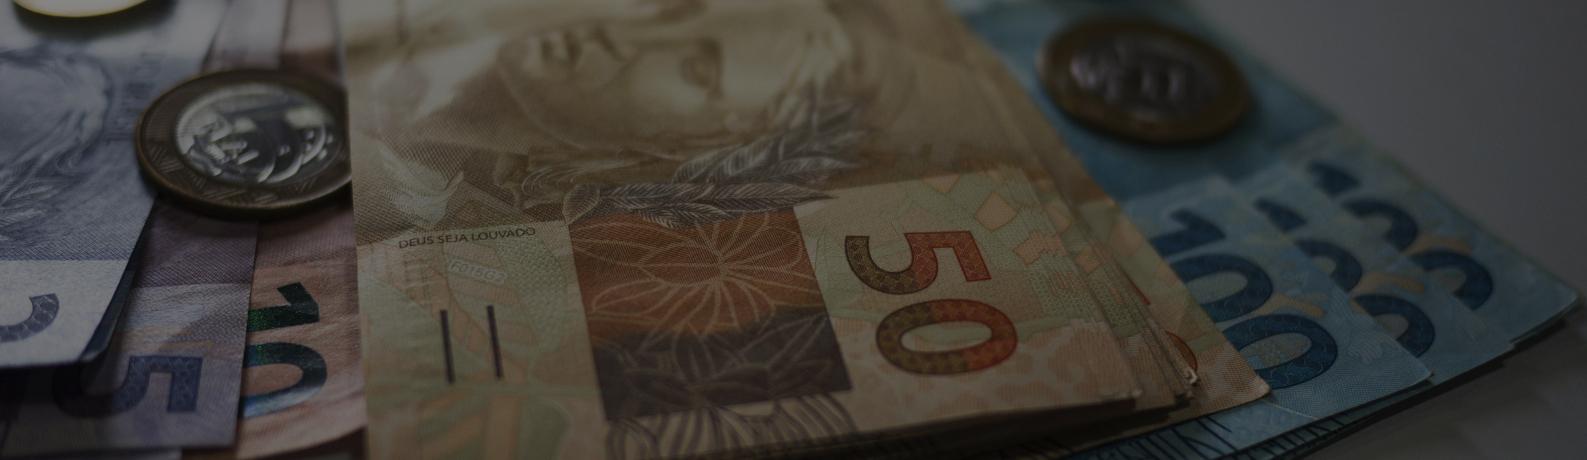 http://www.serpro.gov.br/clientes/secretaria-do-tesouro-nacional-1